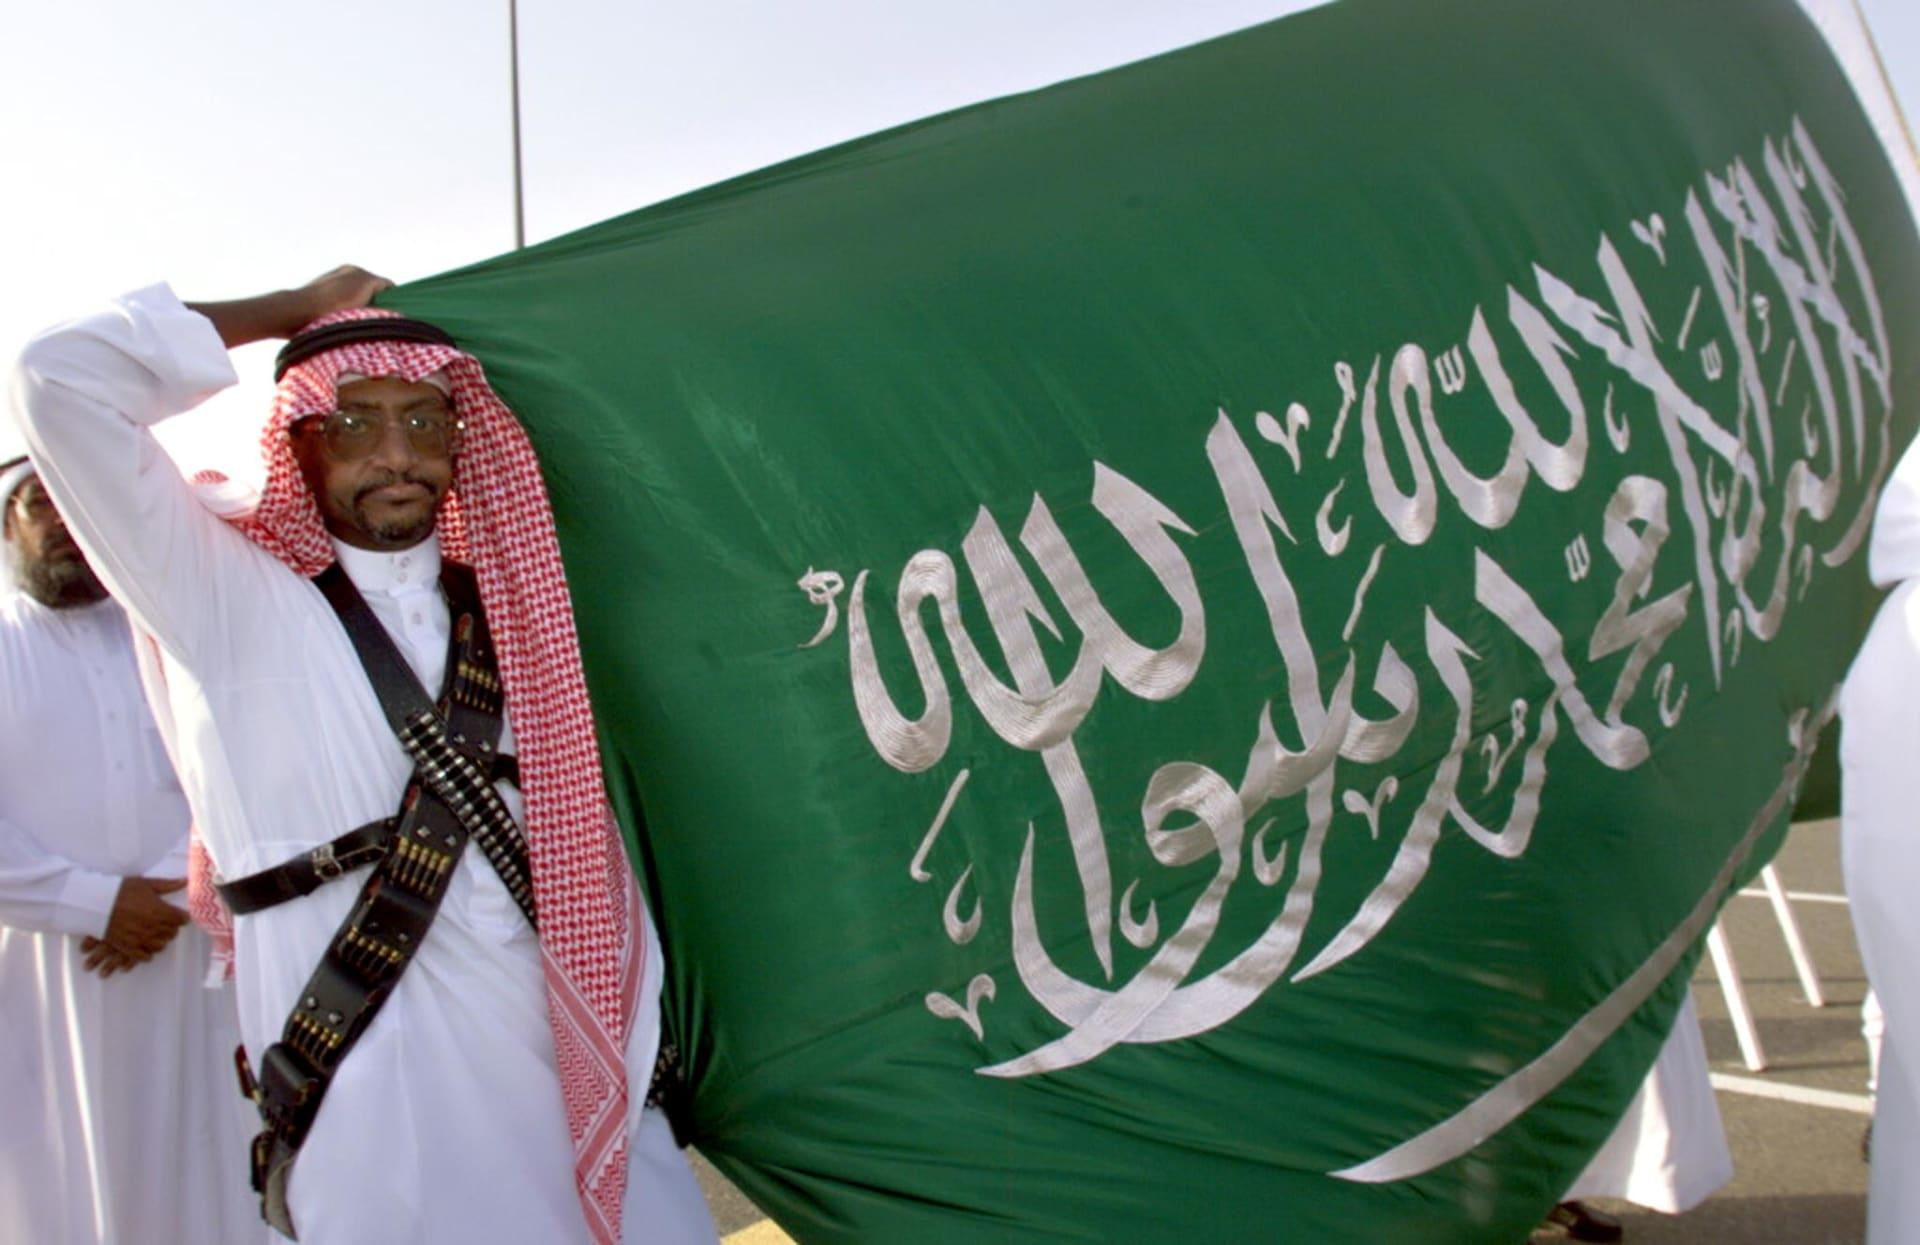 صورة أرشيفية لرجل يرفع العلم السعودي